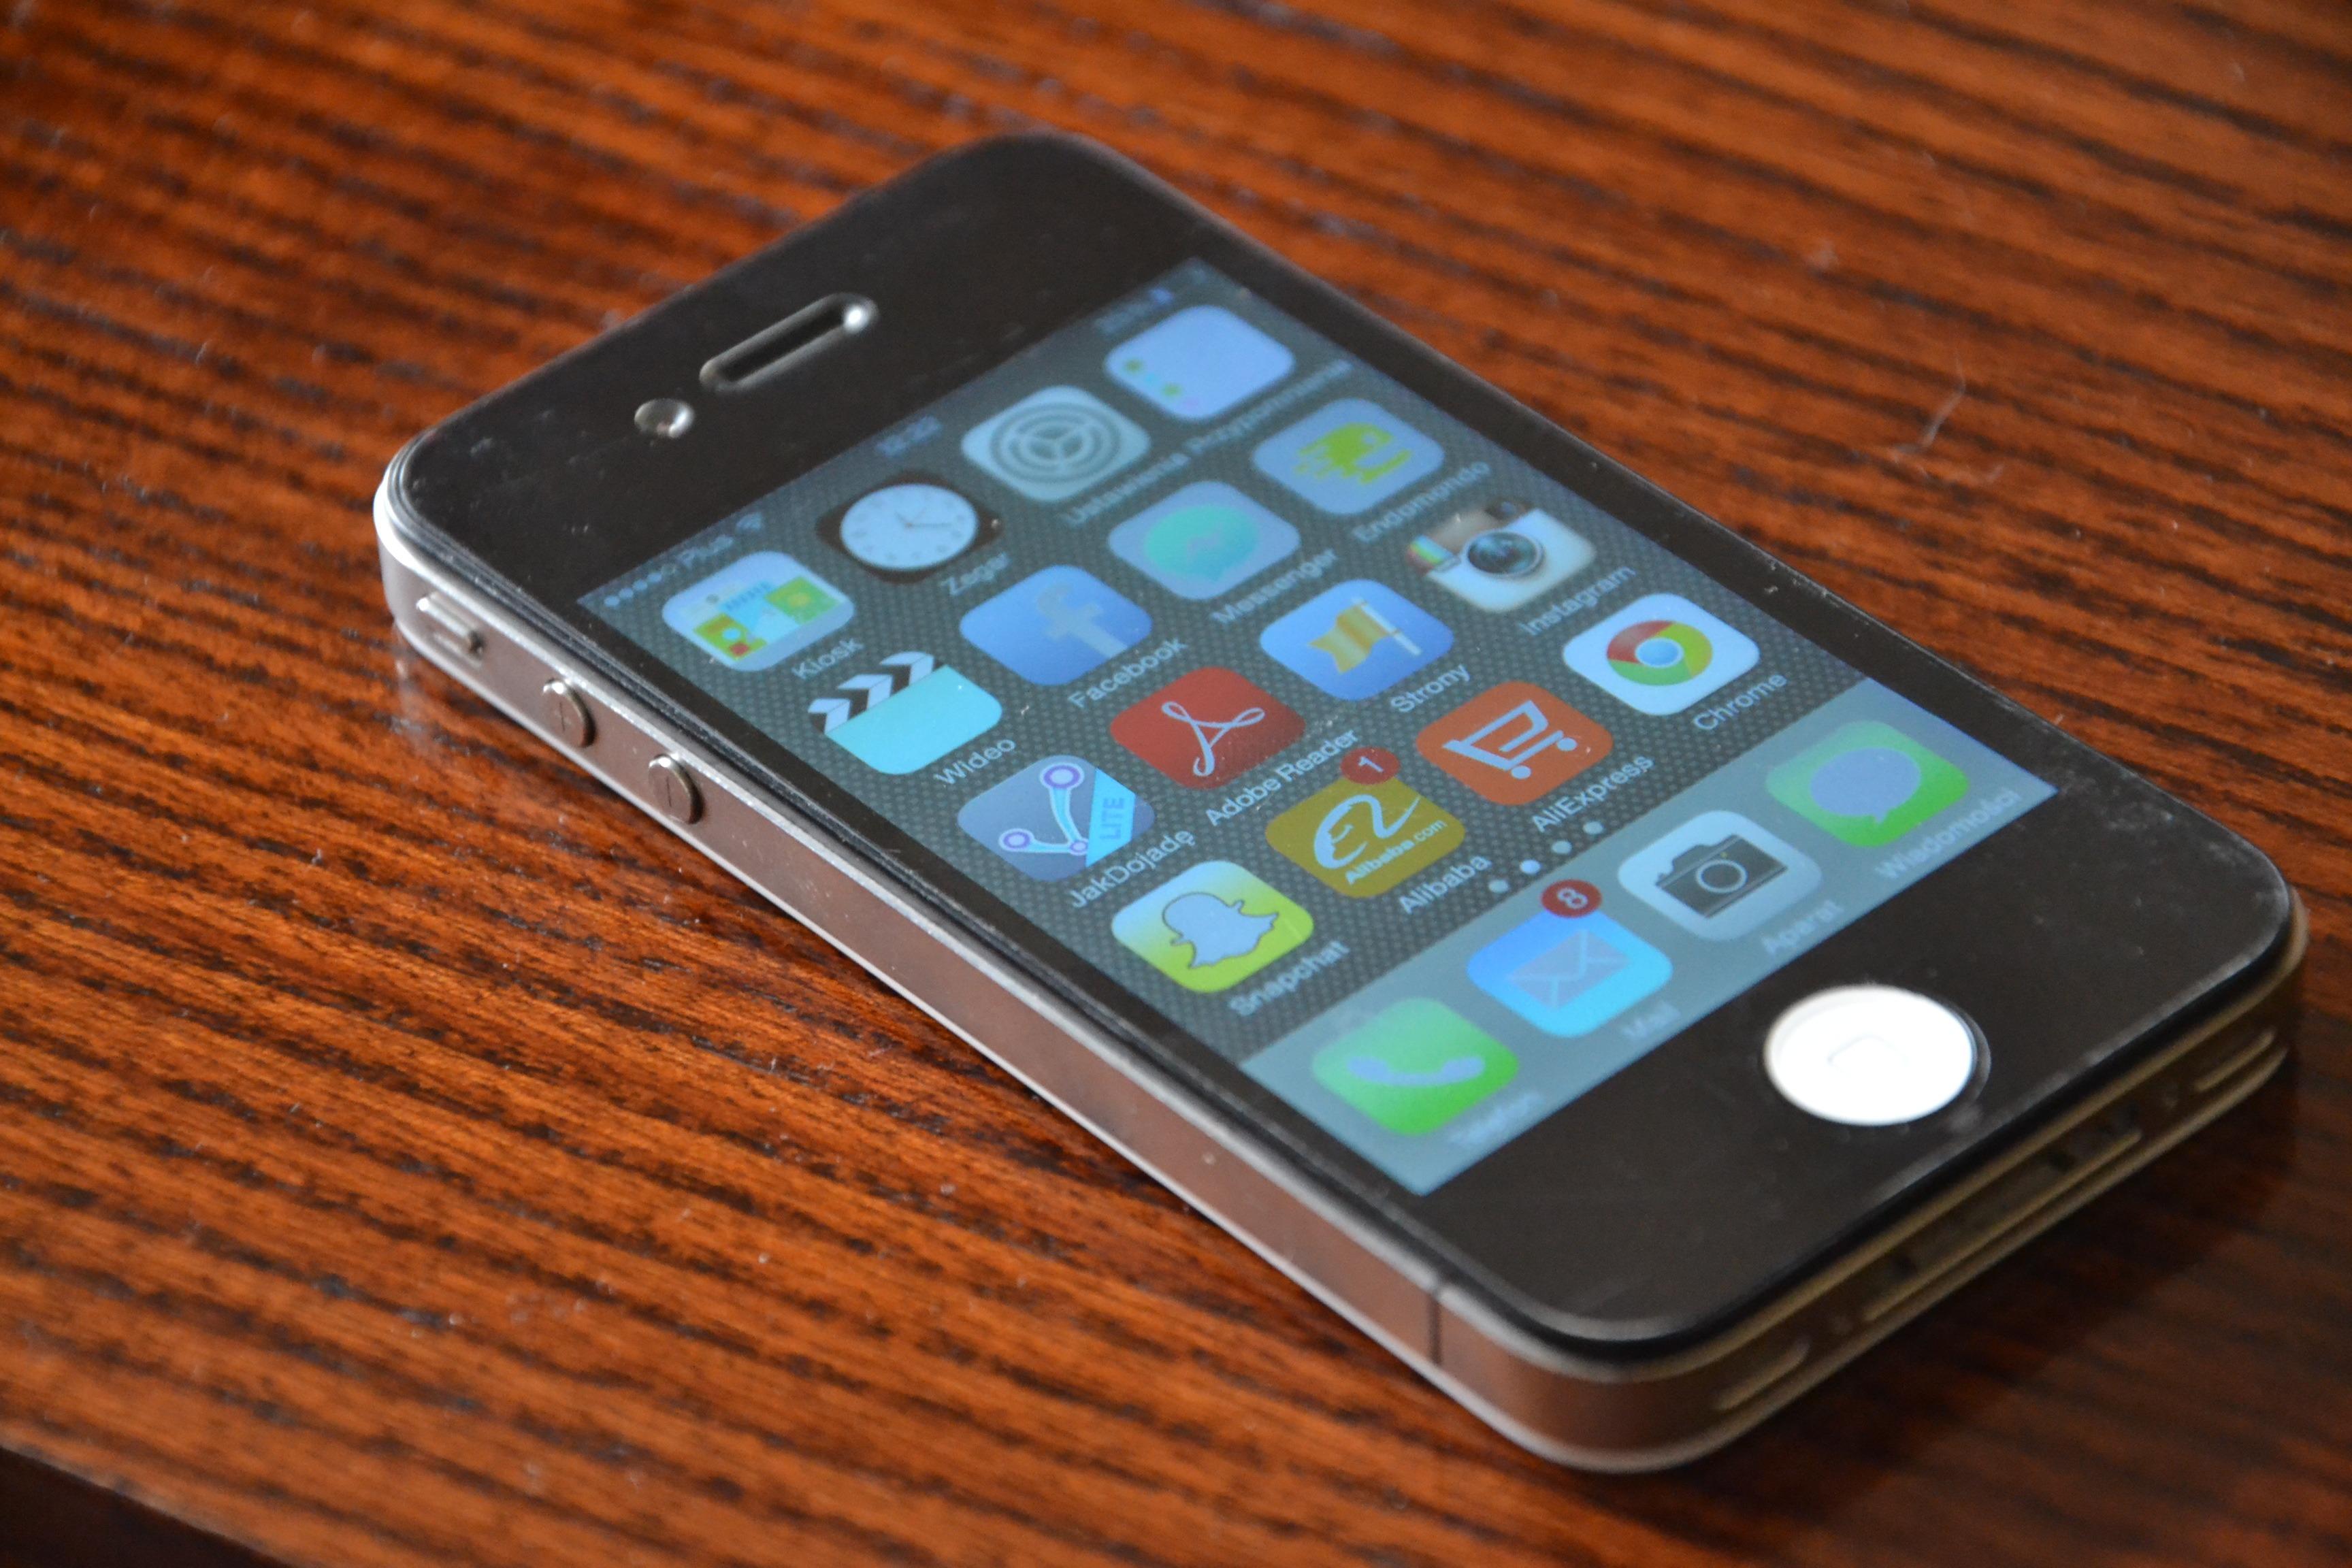 Fotos de un celular perdido - 3 part 7